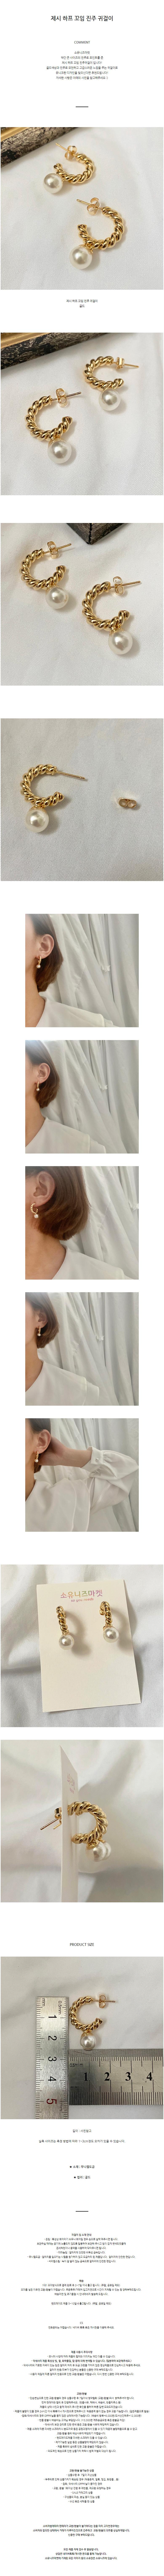 제시 하프 꼬임 진주 귀걸이 - 소유니즈마켓, 11,000원, 골드, 볼/미니귀걸이